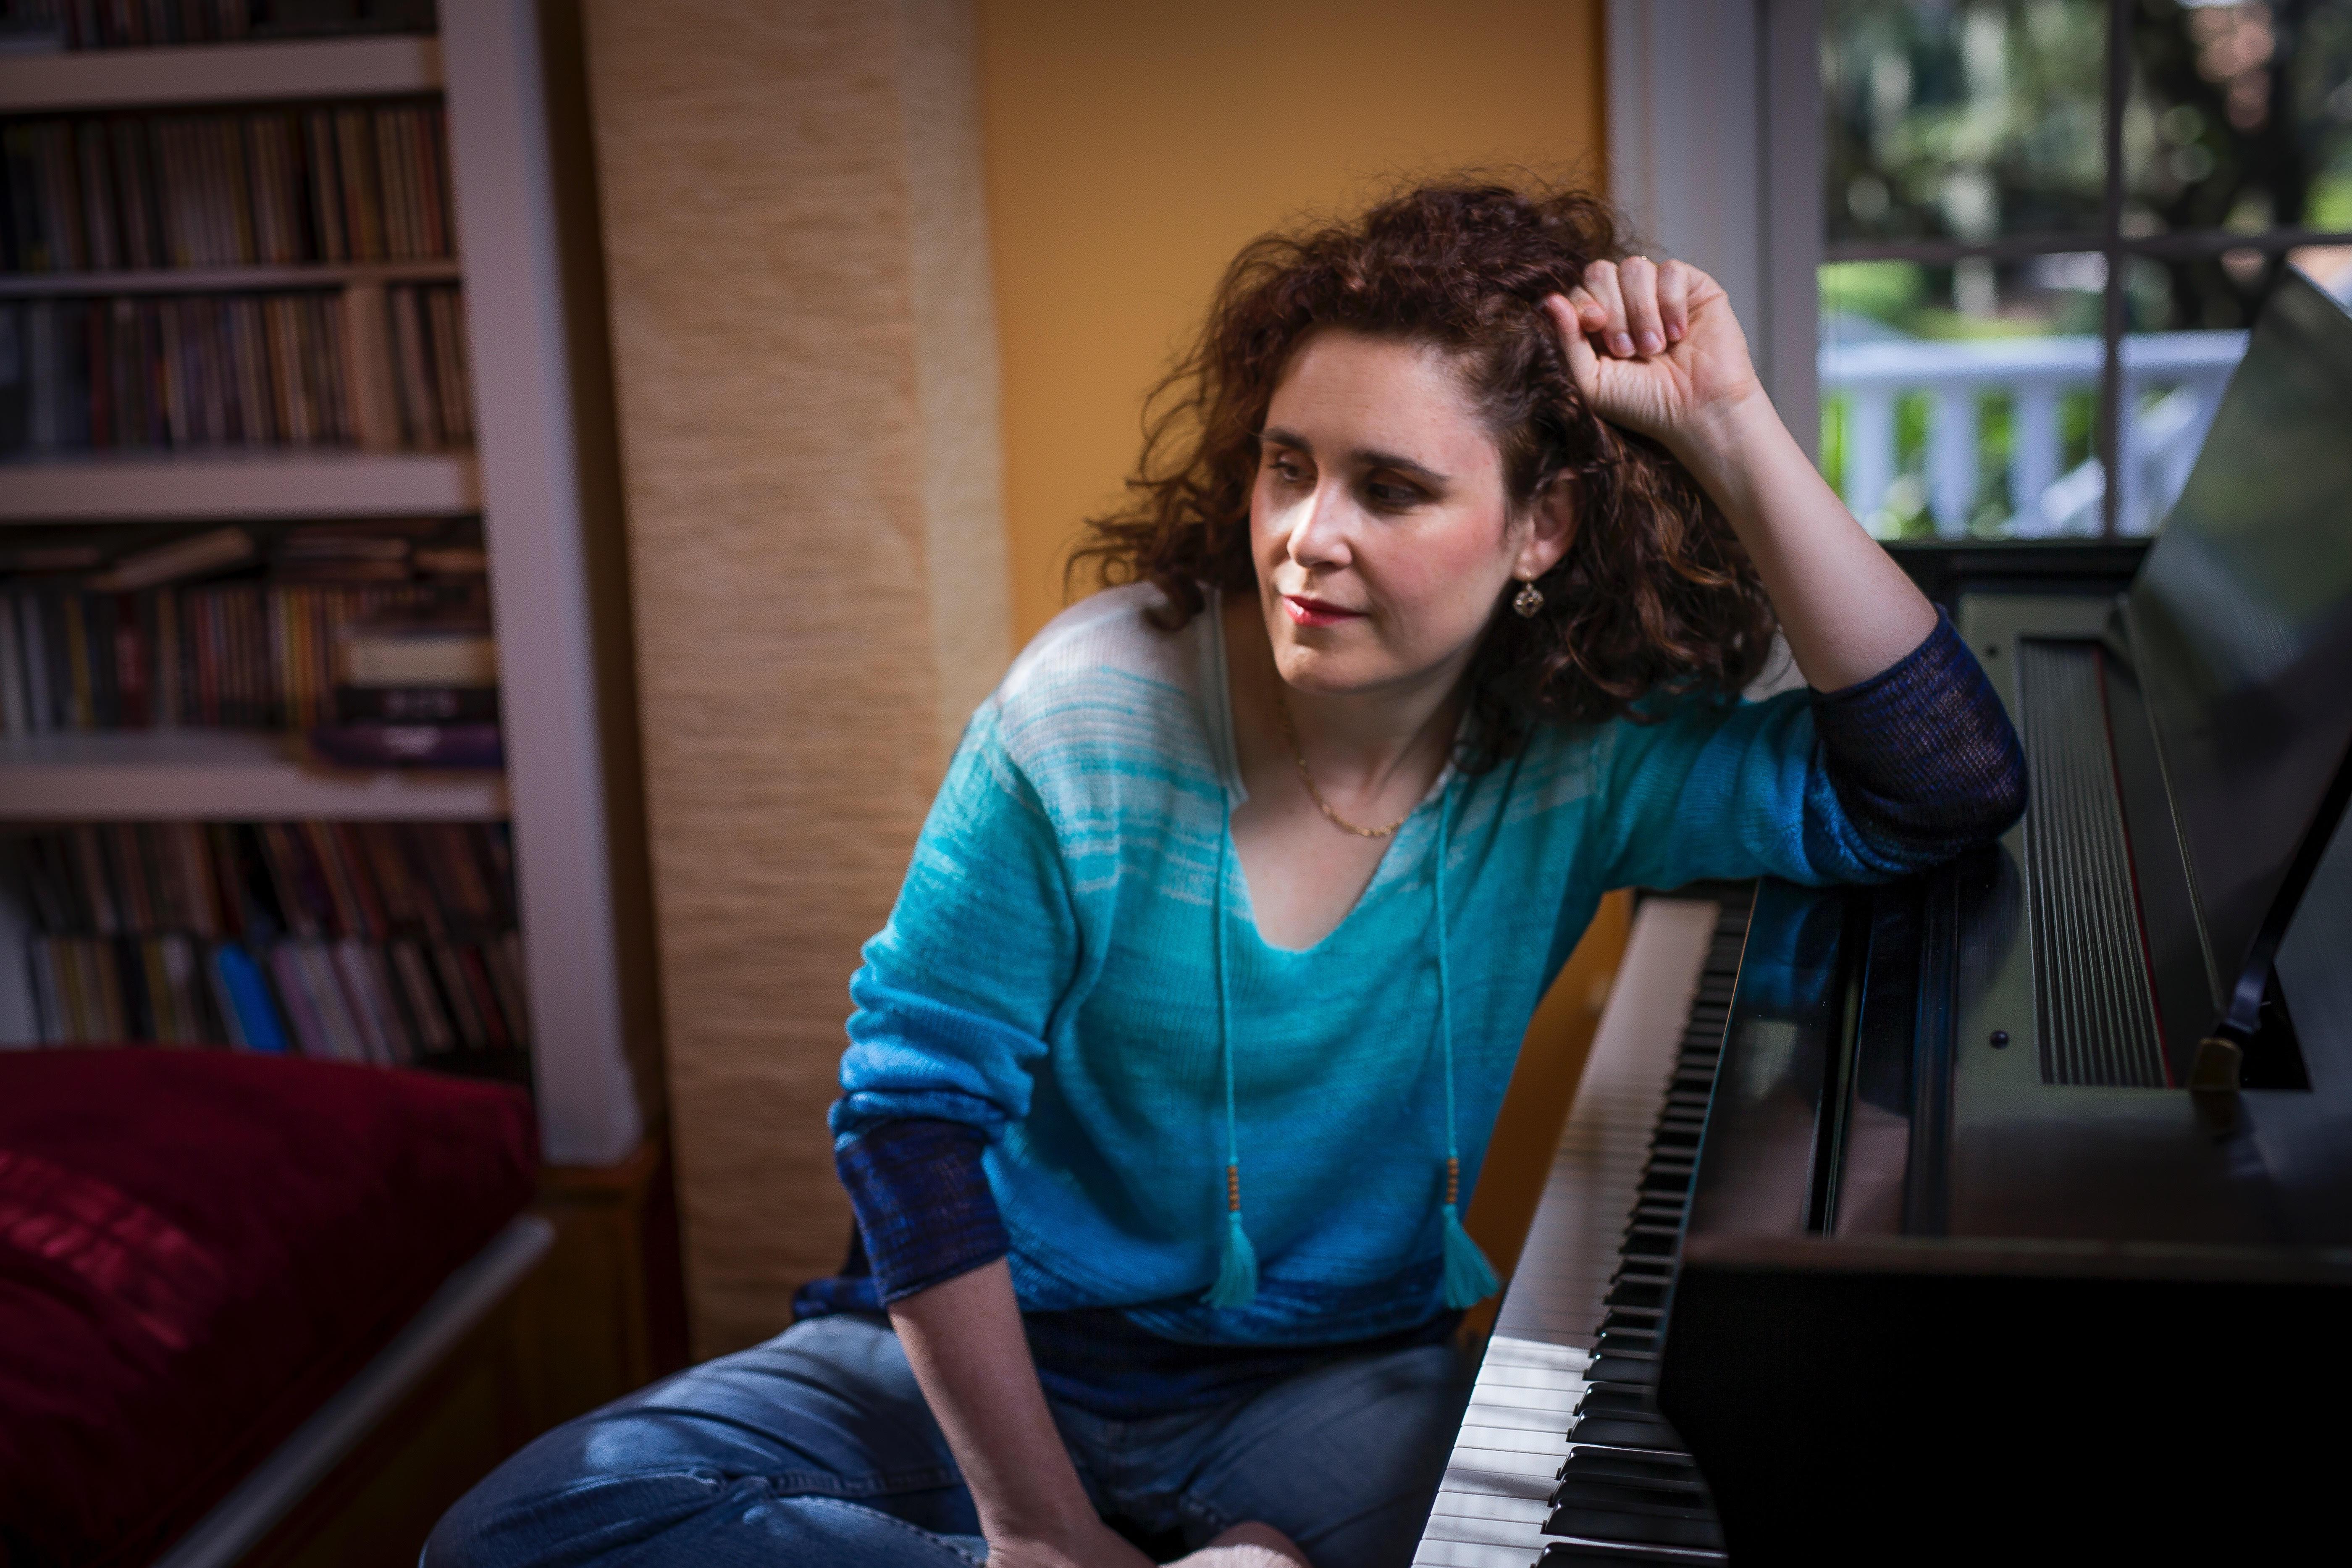 אילה אשרוב 'להכות בפסנתר'